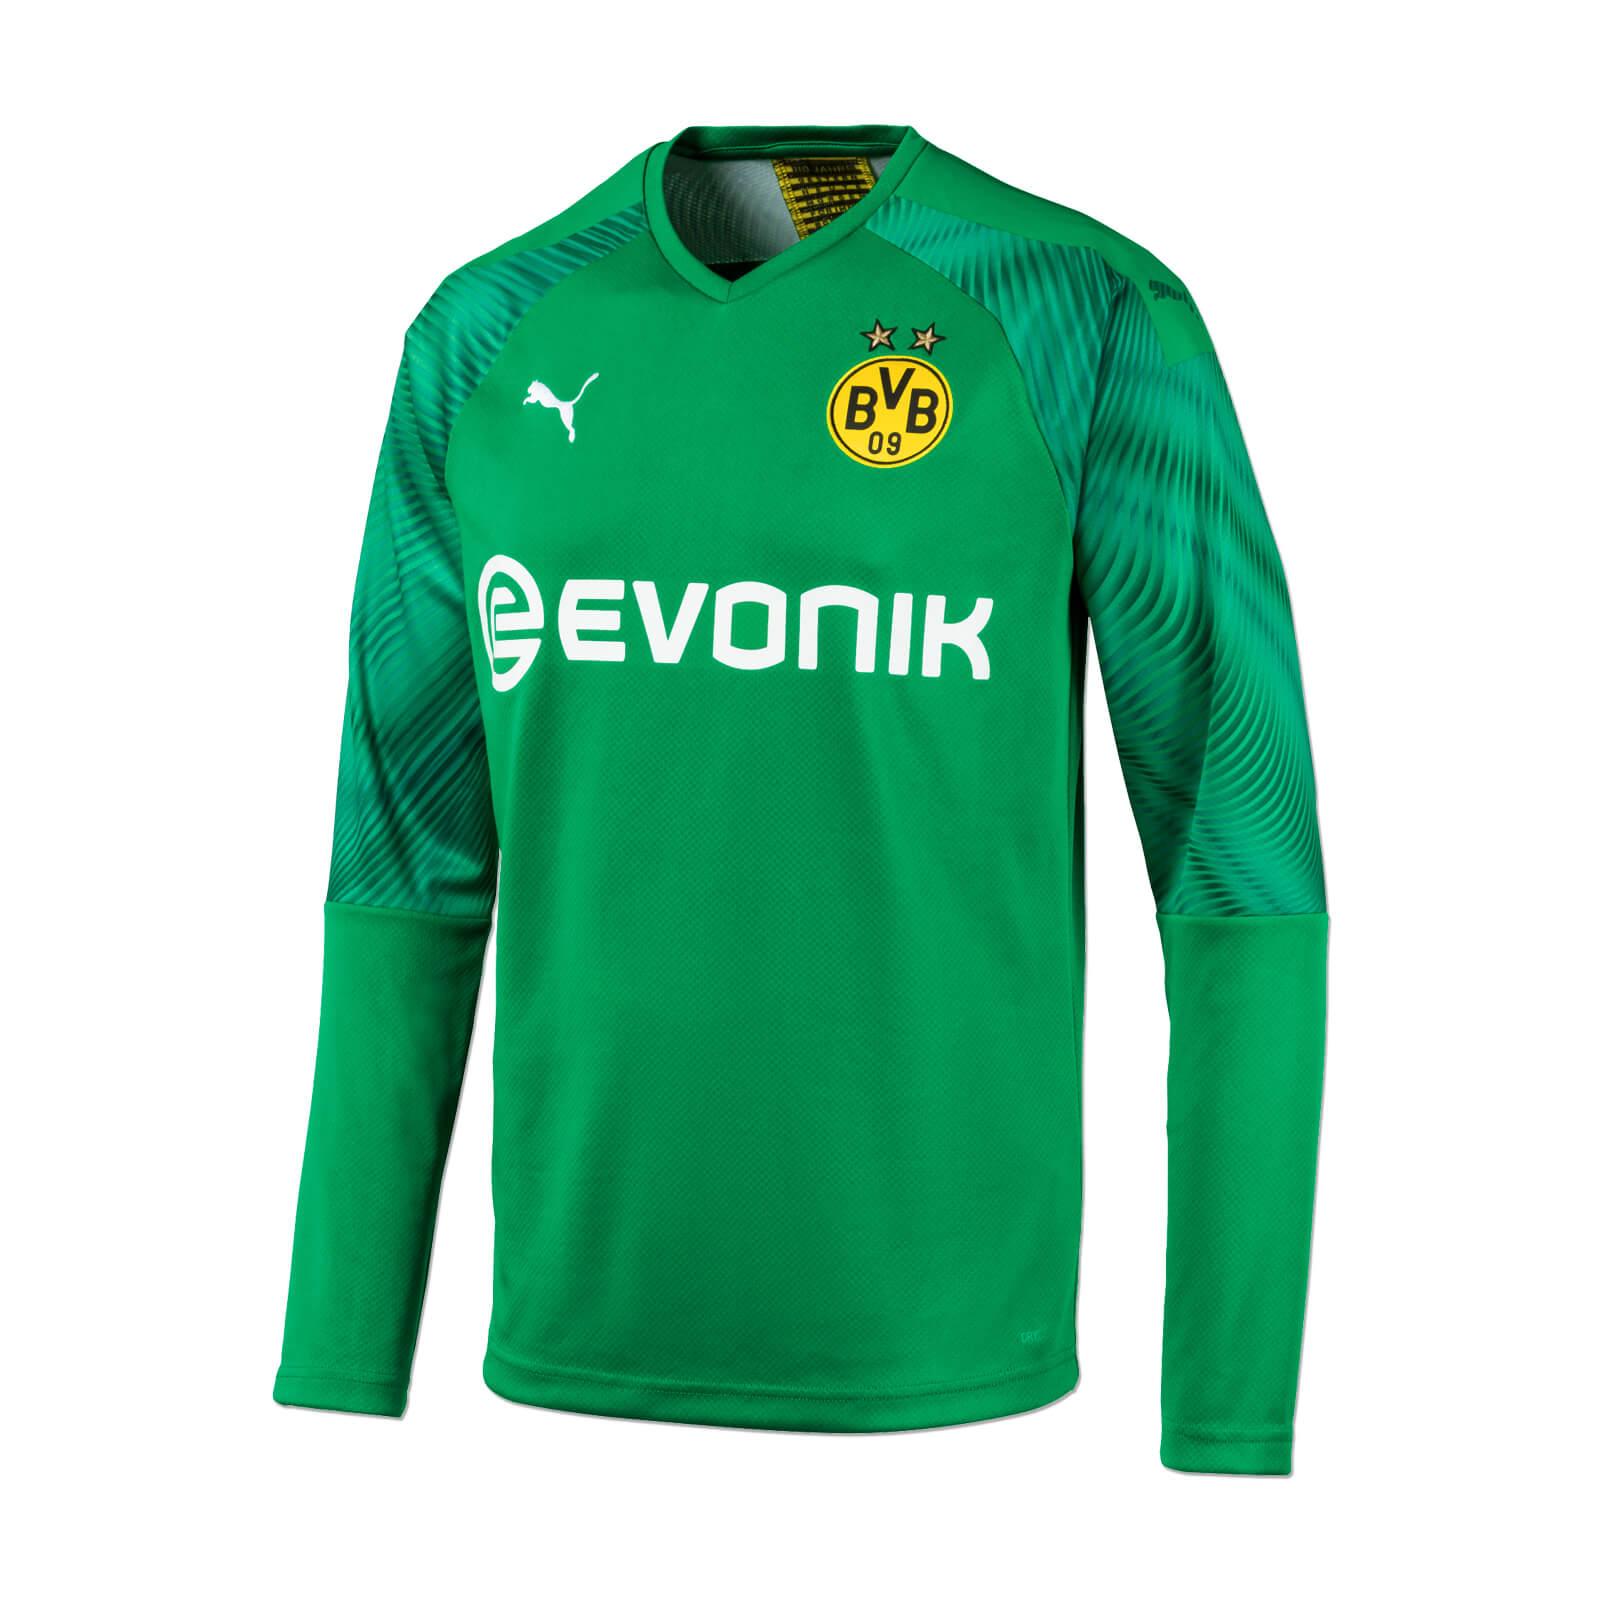 Bvb Goalkeeper Jersey 19 20 Green Jerseys Sale Jerseys Co Bvb Onlineshop